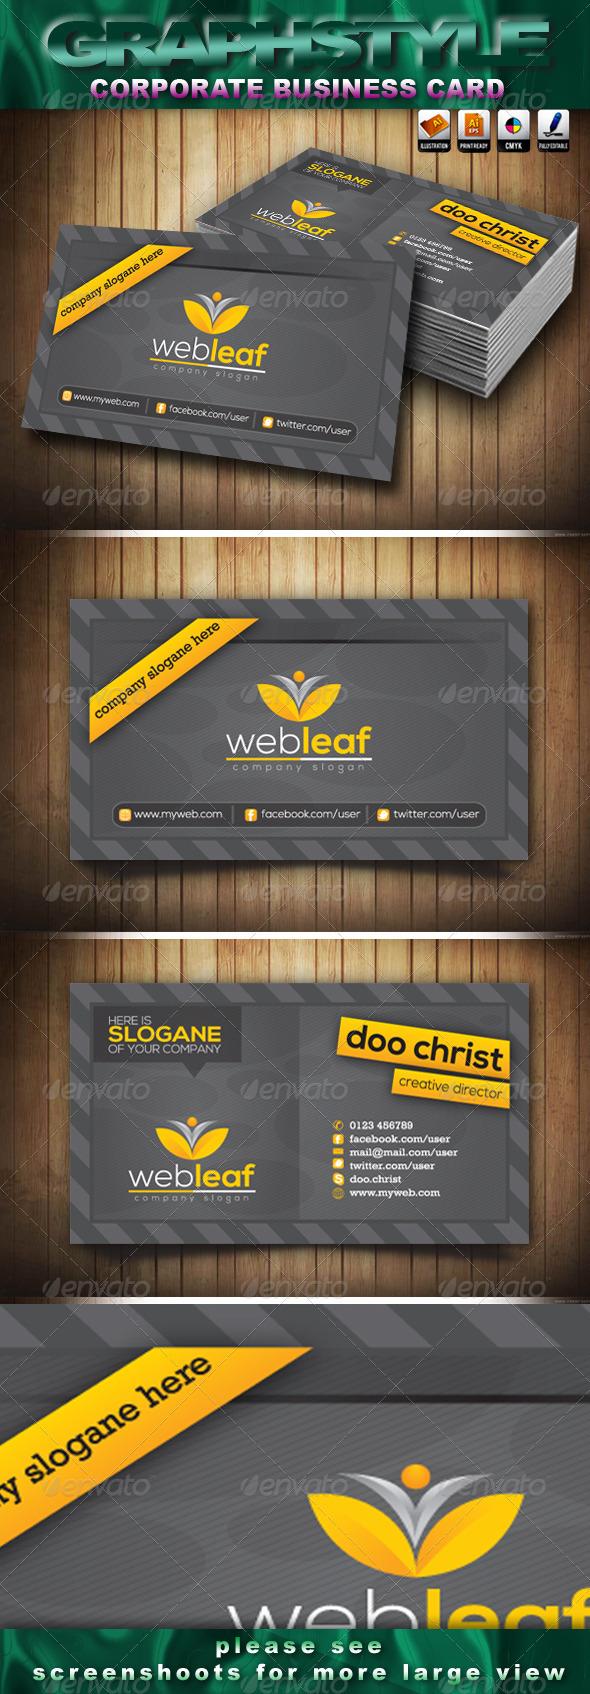 Webleaf Corporate Business Card - Creative Business Cards